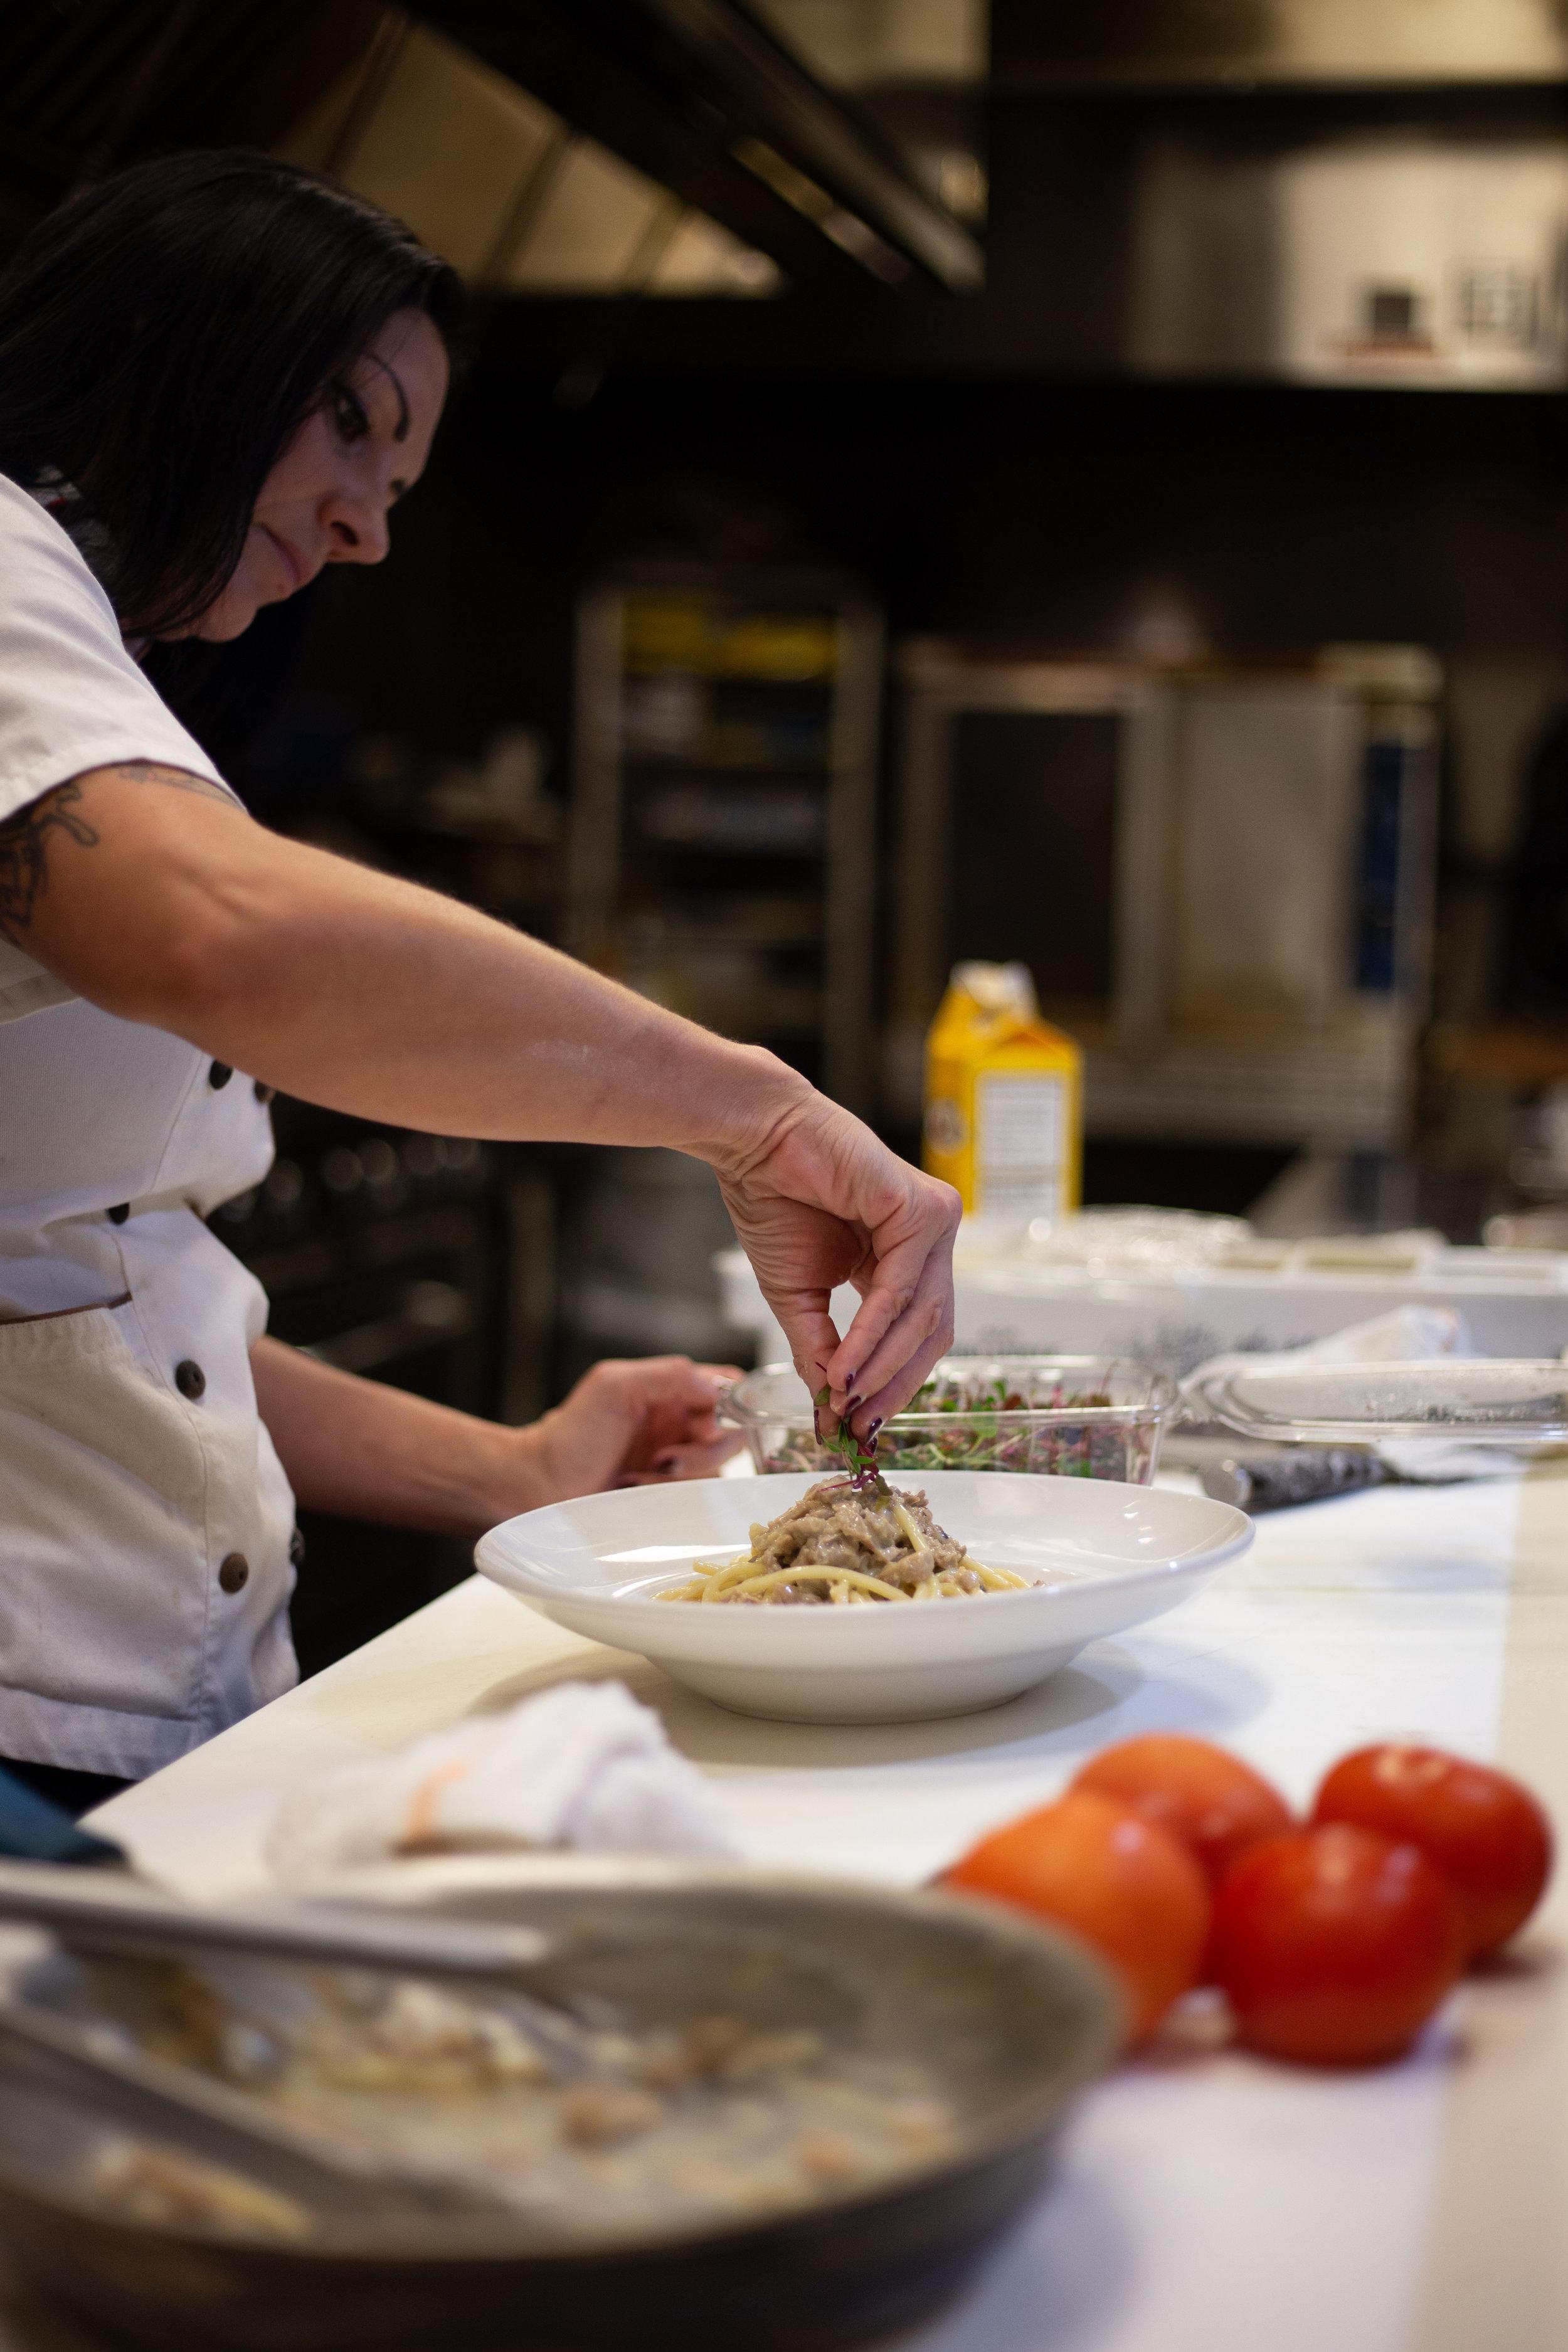 Chef_Emma_Emanuela_Calcara_eBella_Palladio_Nicole_nixon-45-of-50.jpg